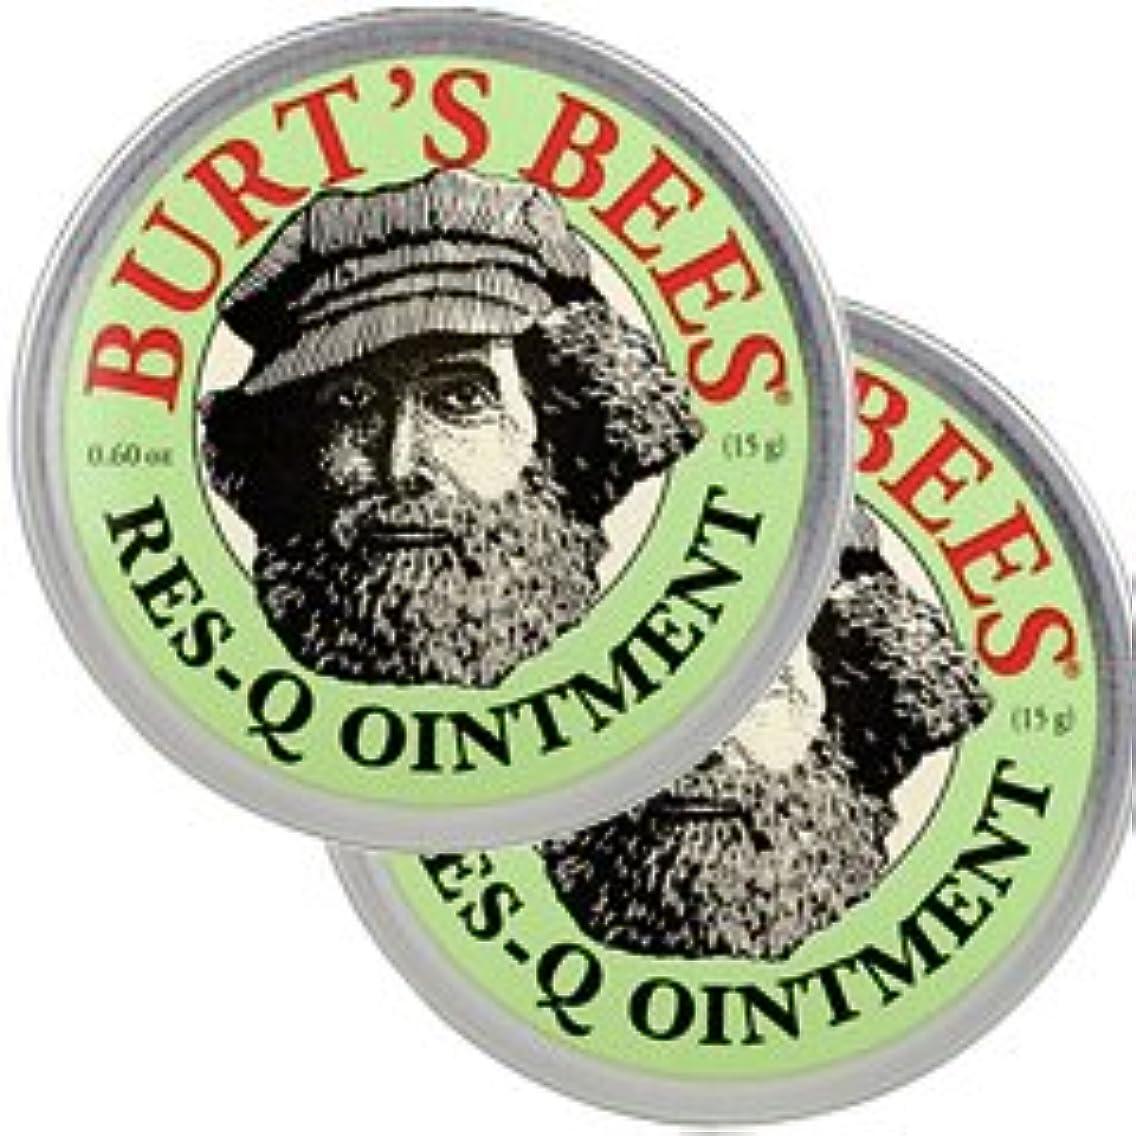 神話評論家対処バーツビーズ(Burt's Bees)レスキュー オイントメント 17g 2個セット[並行輸入品][海外直送品]